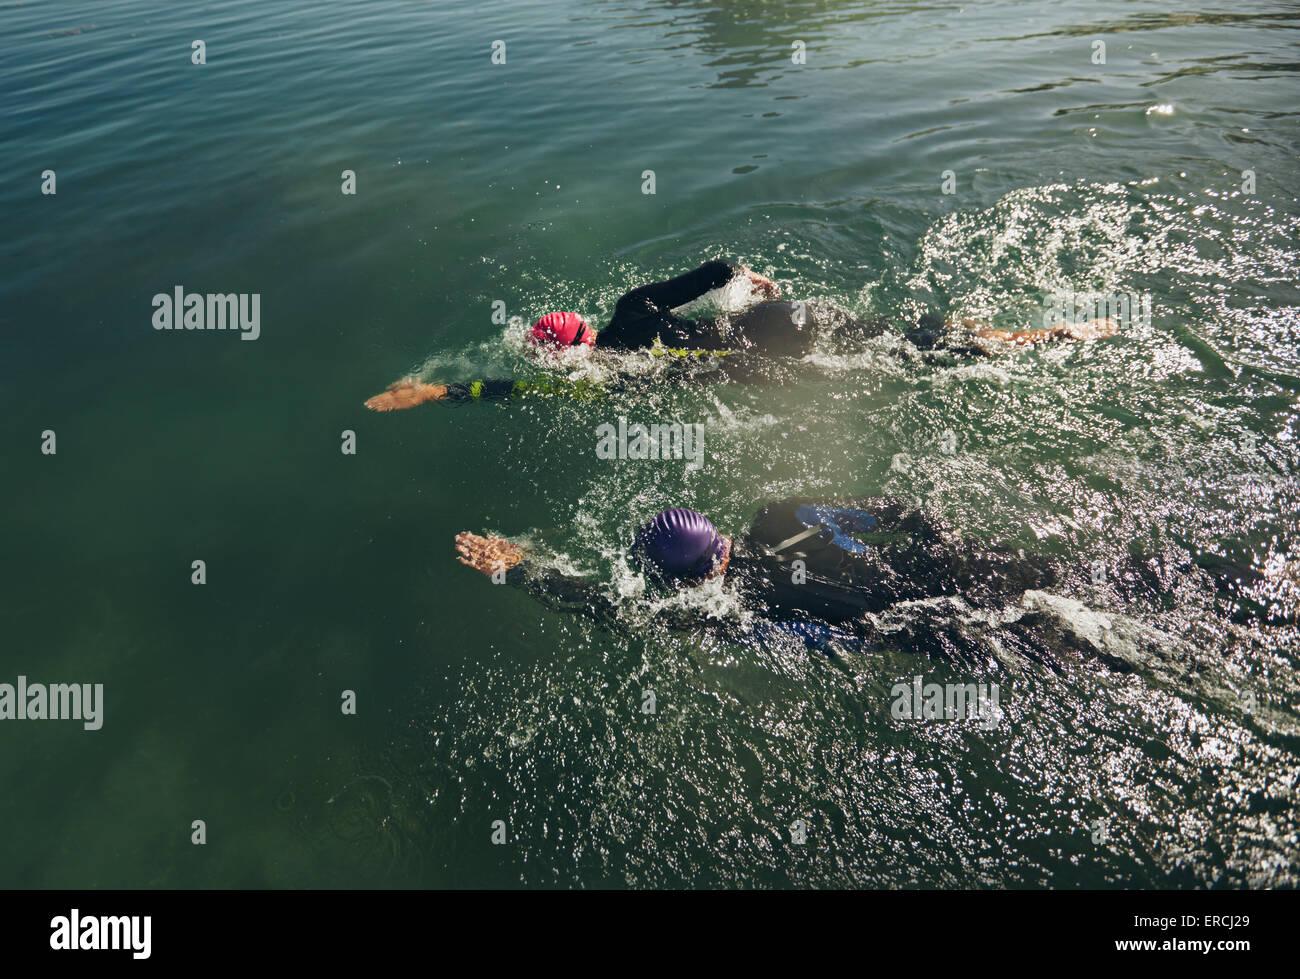 Voir des nageurs dans l'eau. Les participants à la pratique du triathlon pour nager. Photo Stock